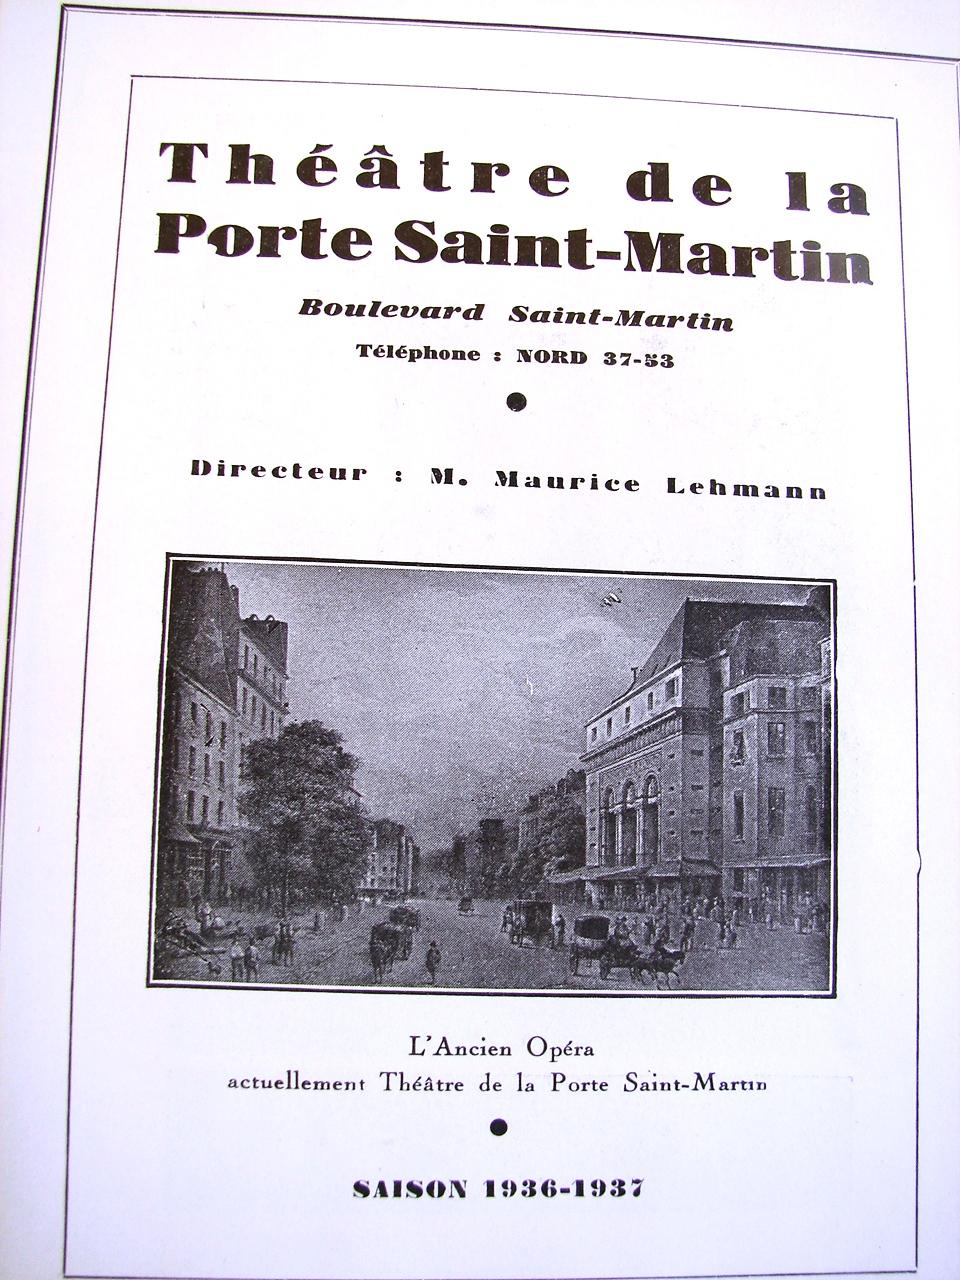 Cyrano de bergerac th tre de la porte saint martin paris - Theatre de la porte saint martin plan ...